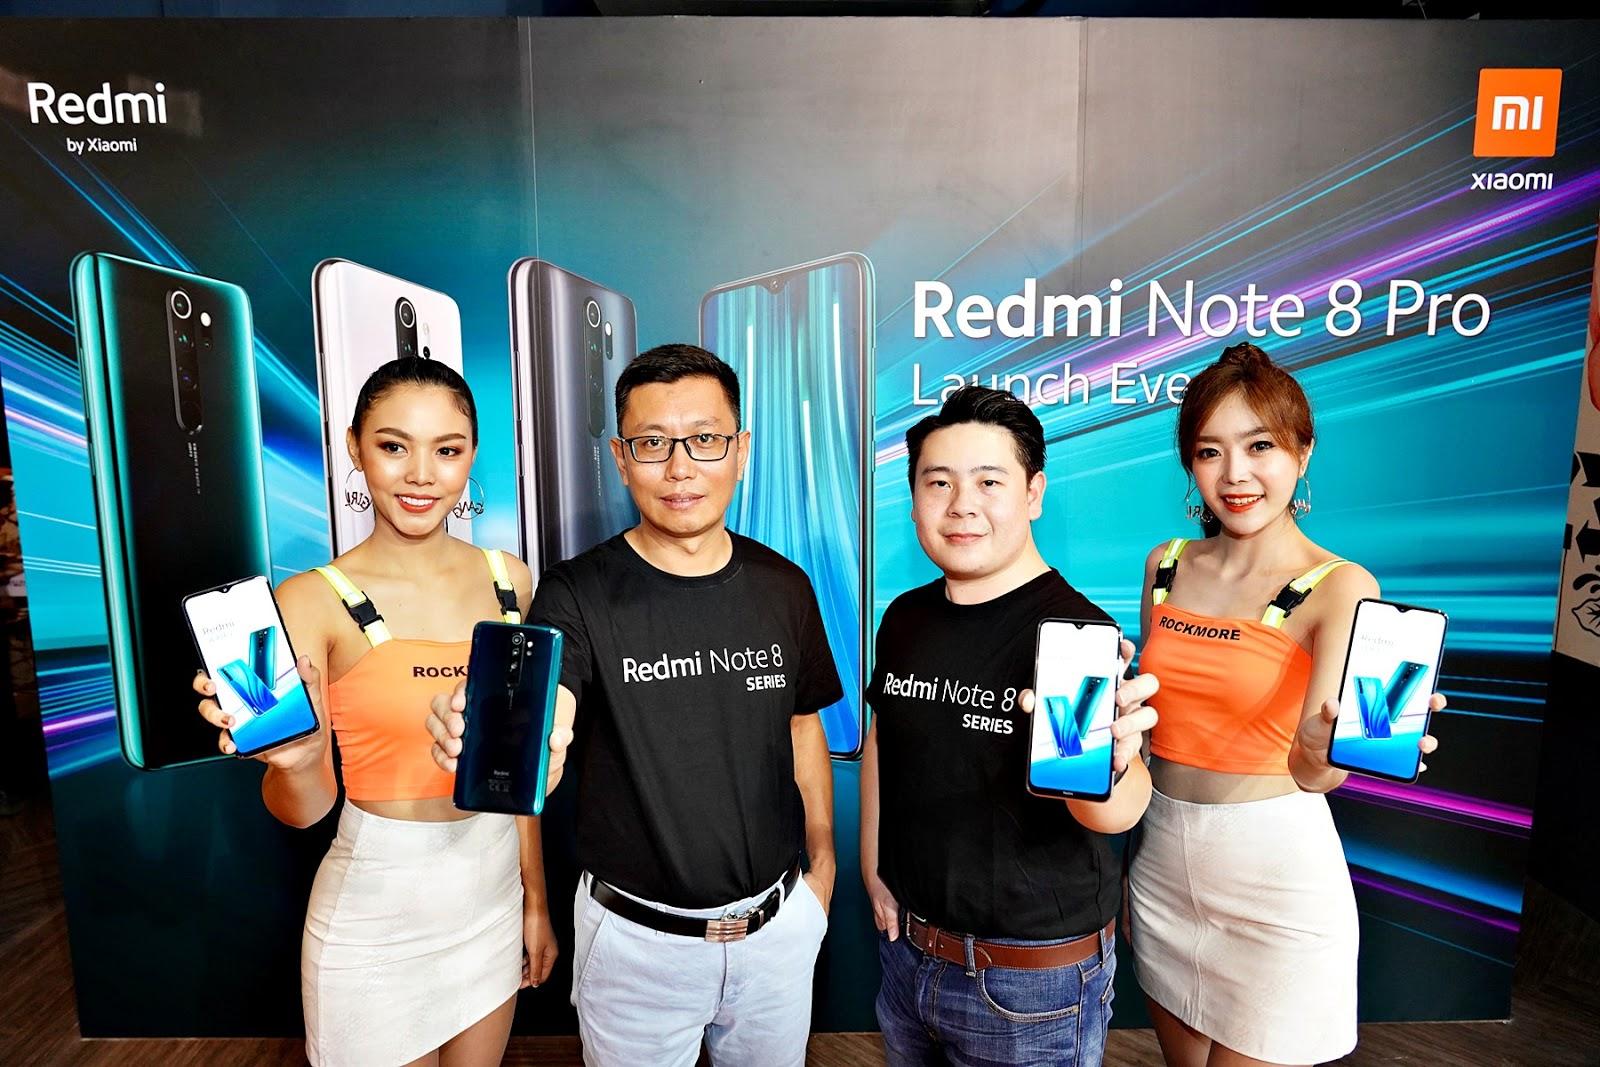 Xiaomi เปิดตัว Redmi Note 8 Series  ยืนหนึ่งผู้นำตลาดสมาร์ทโฟนระดับกลางและอุปกรณ์อัจฉริยะ  ส่งกล้องความละเอียด 64MP ลงตลาด